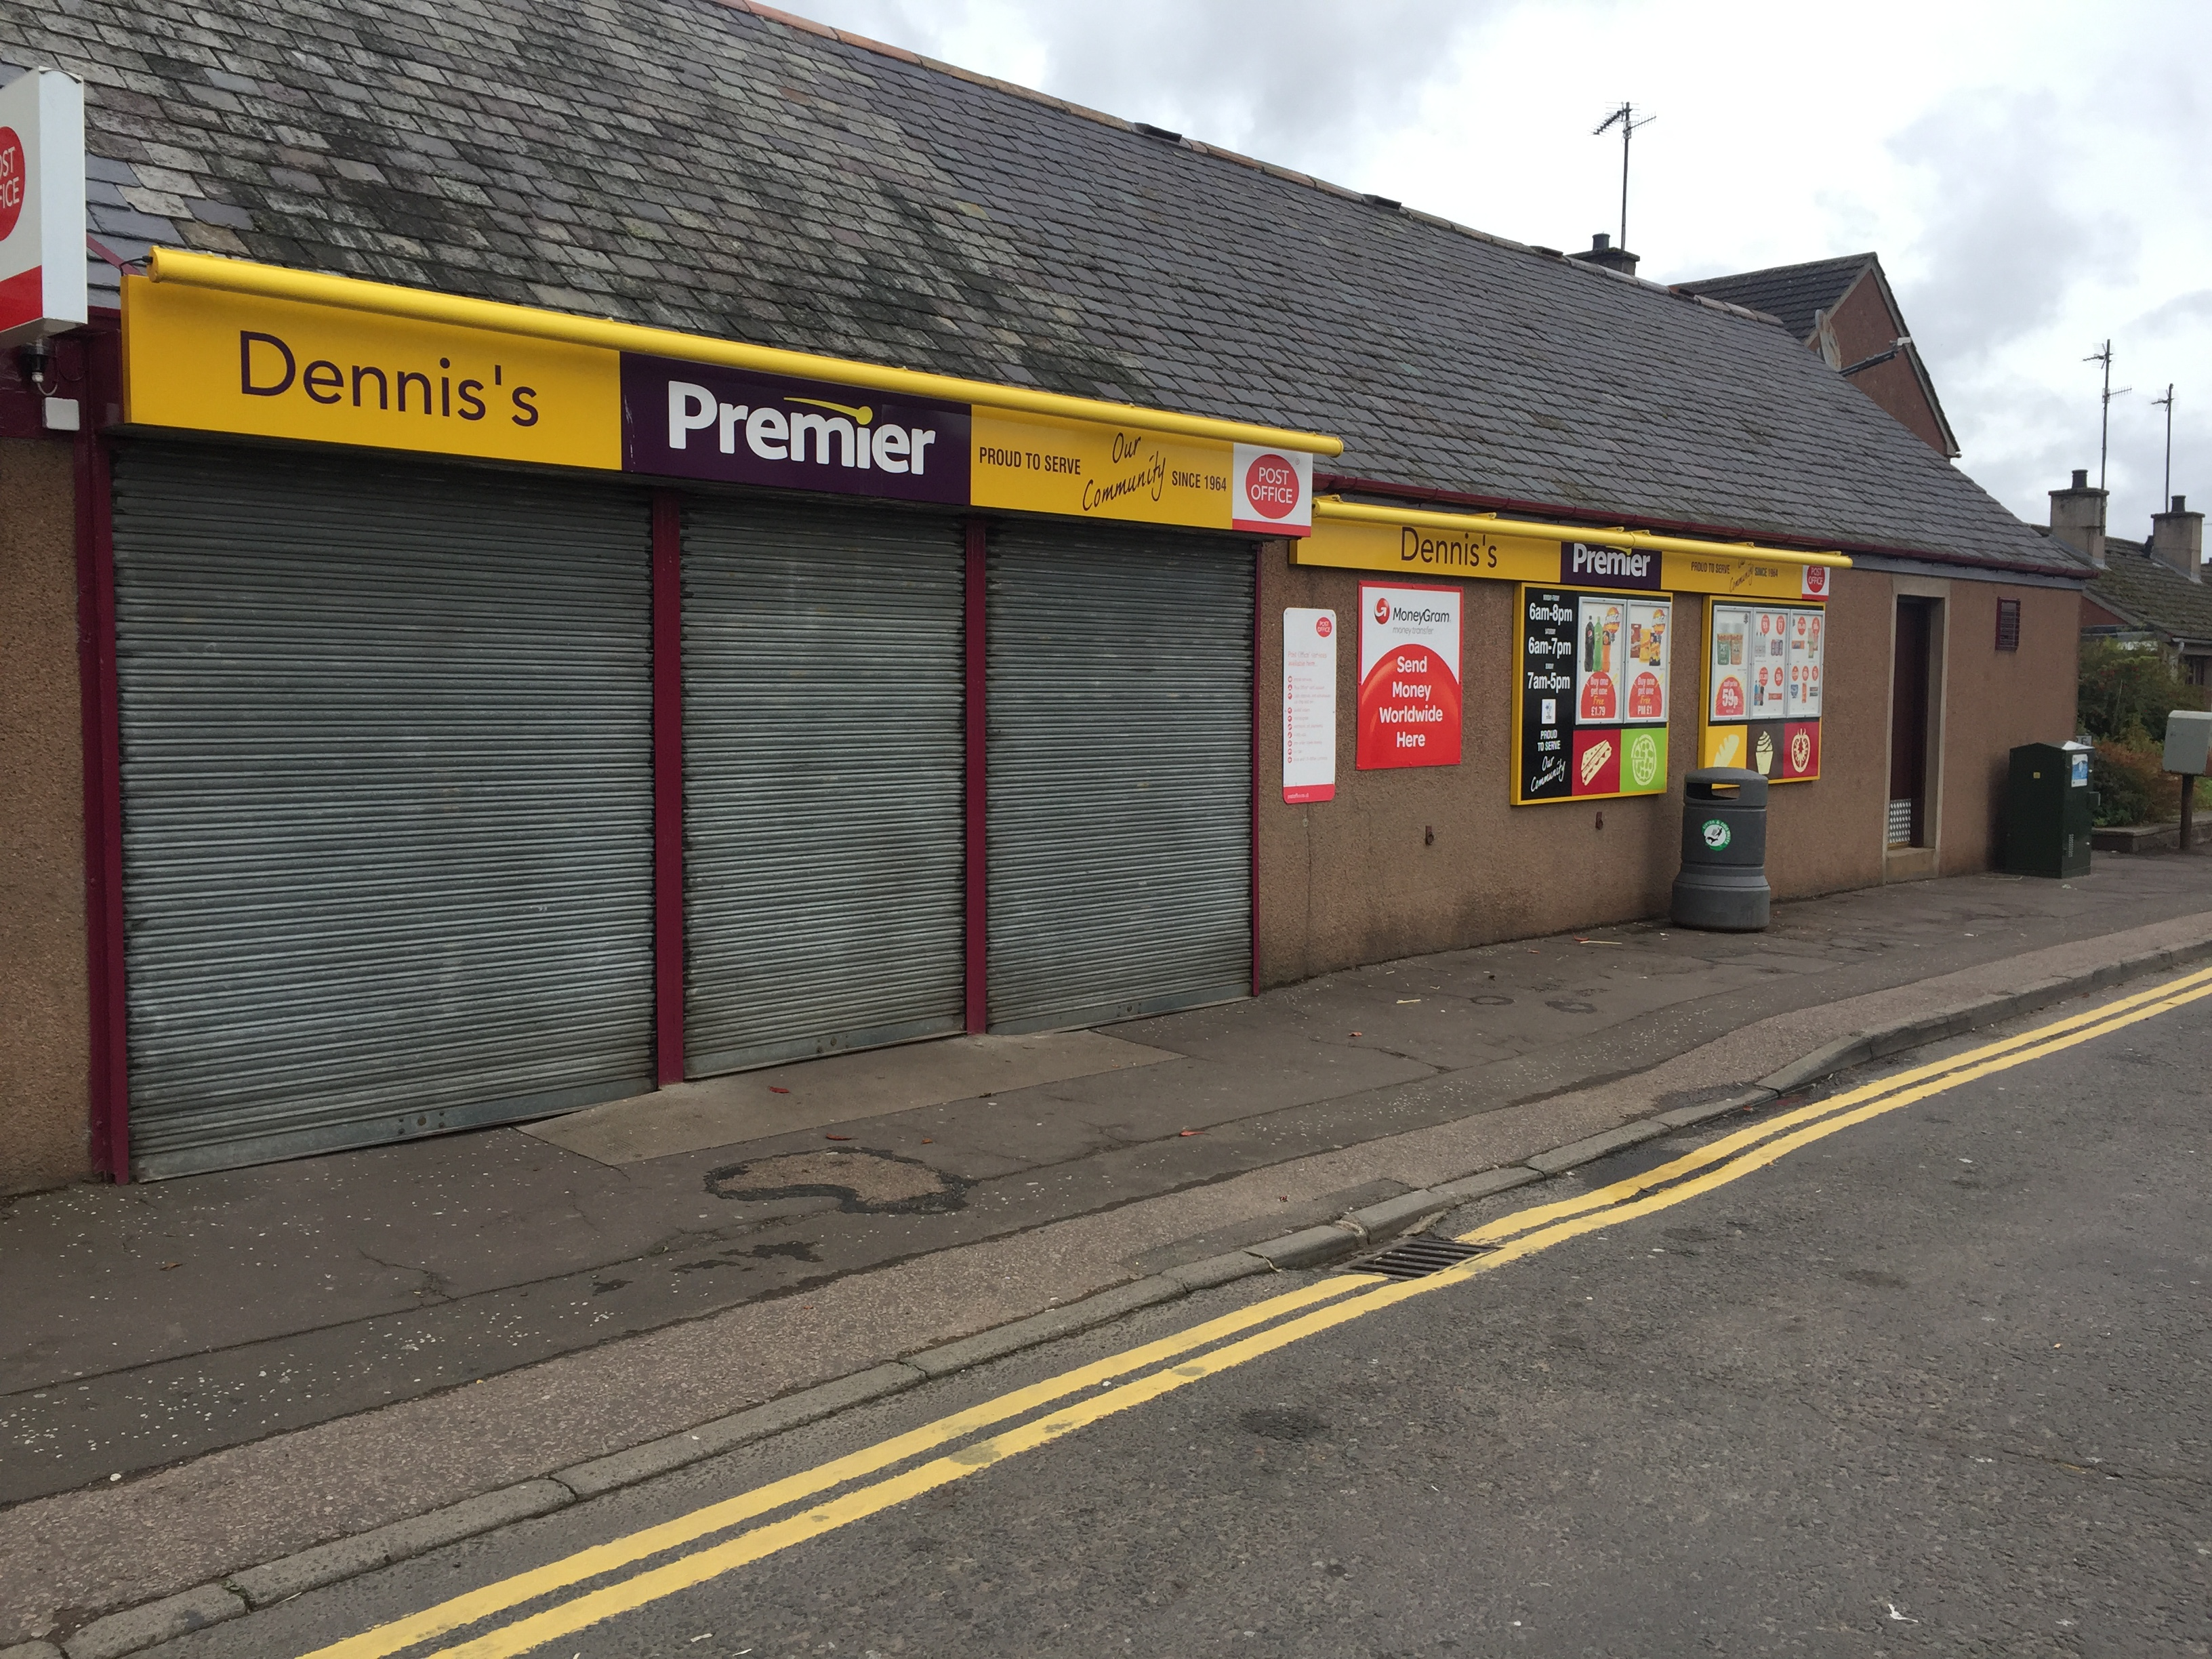 Dennis's shop in Montrose Street, Brechin.